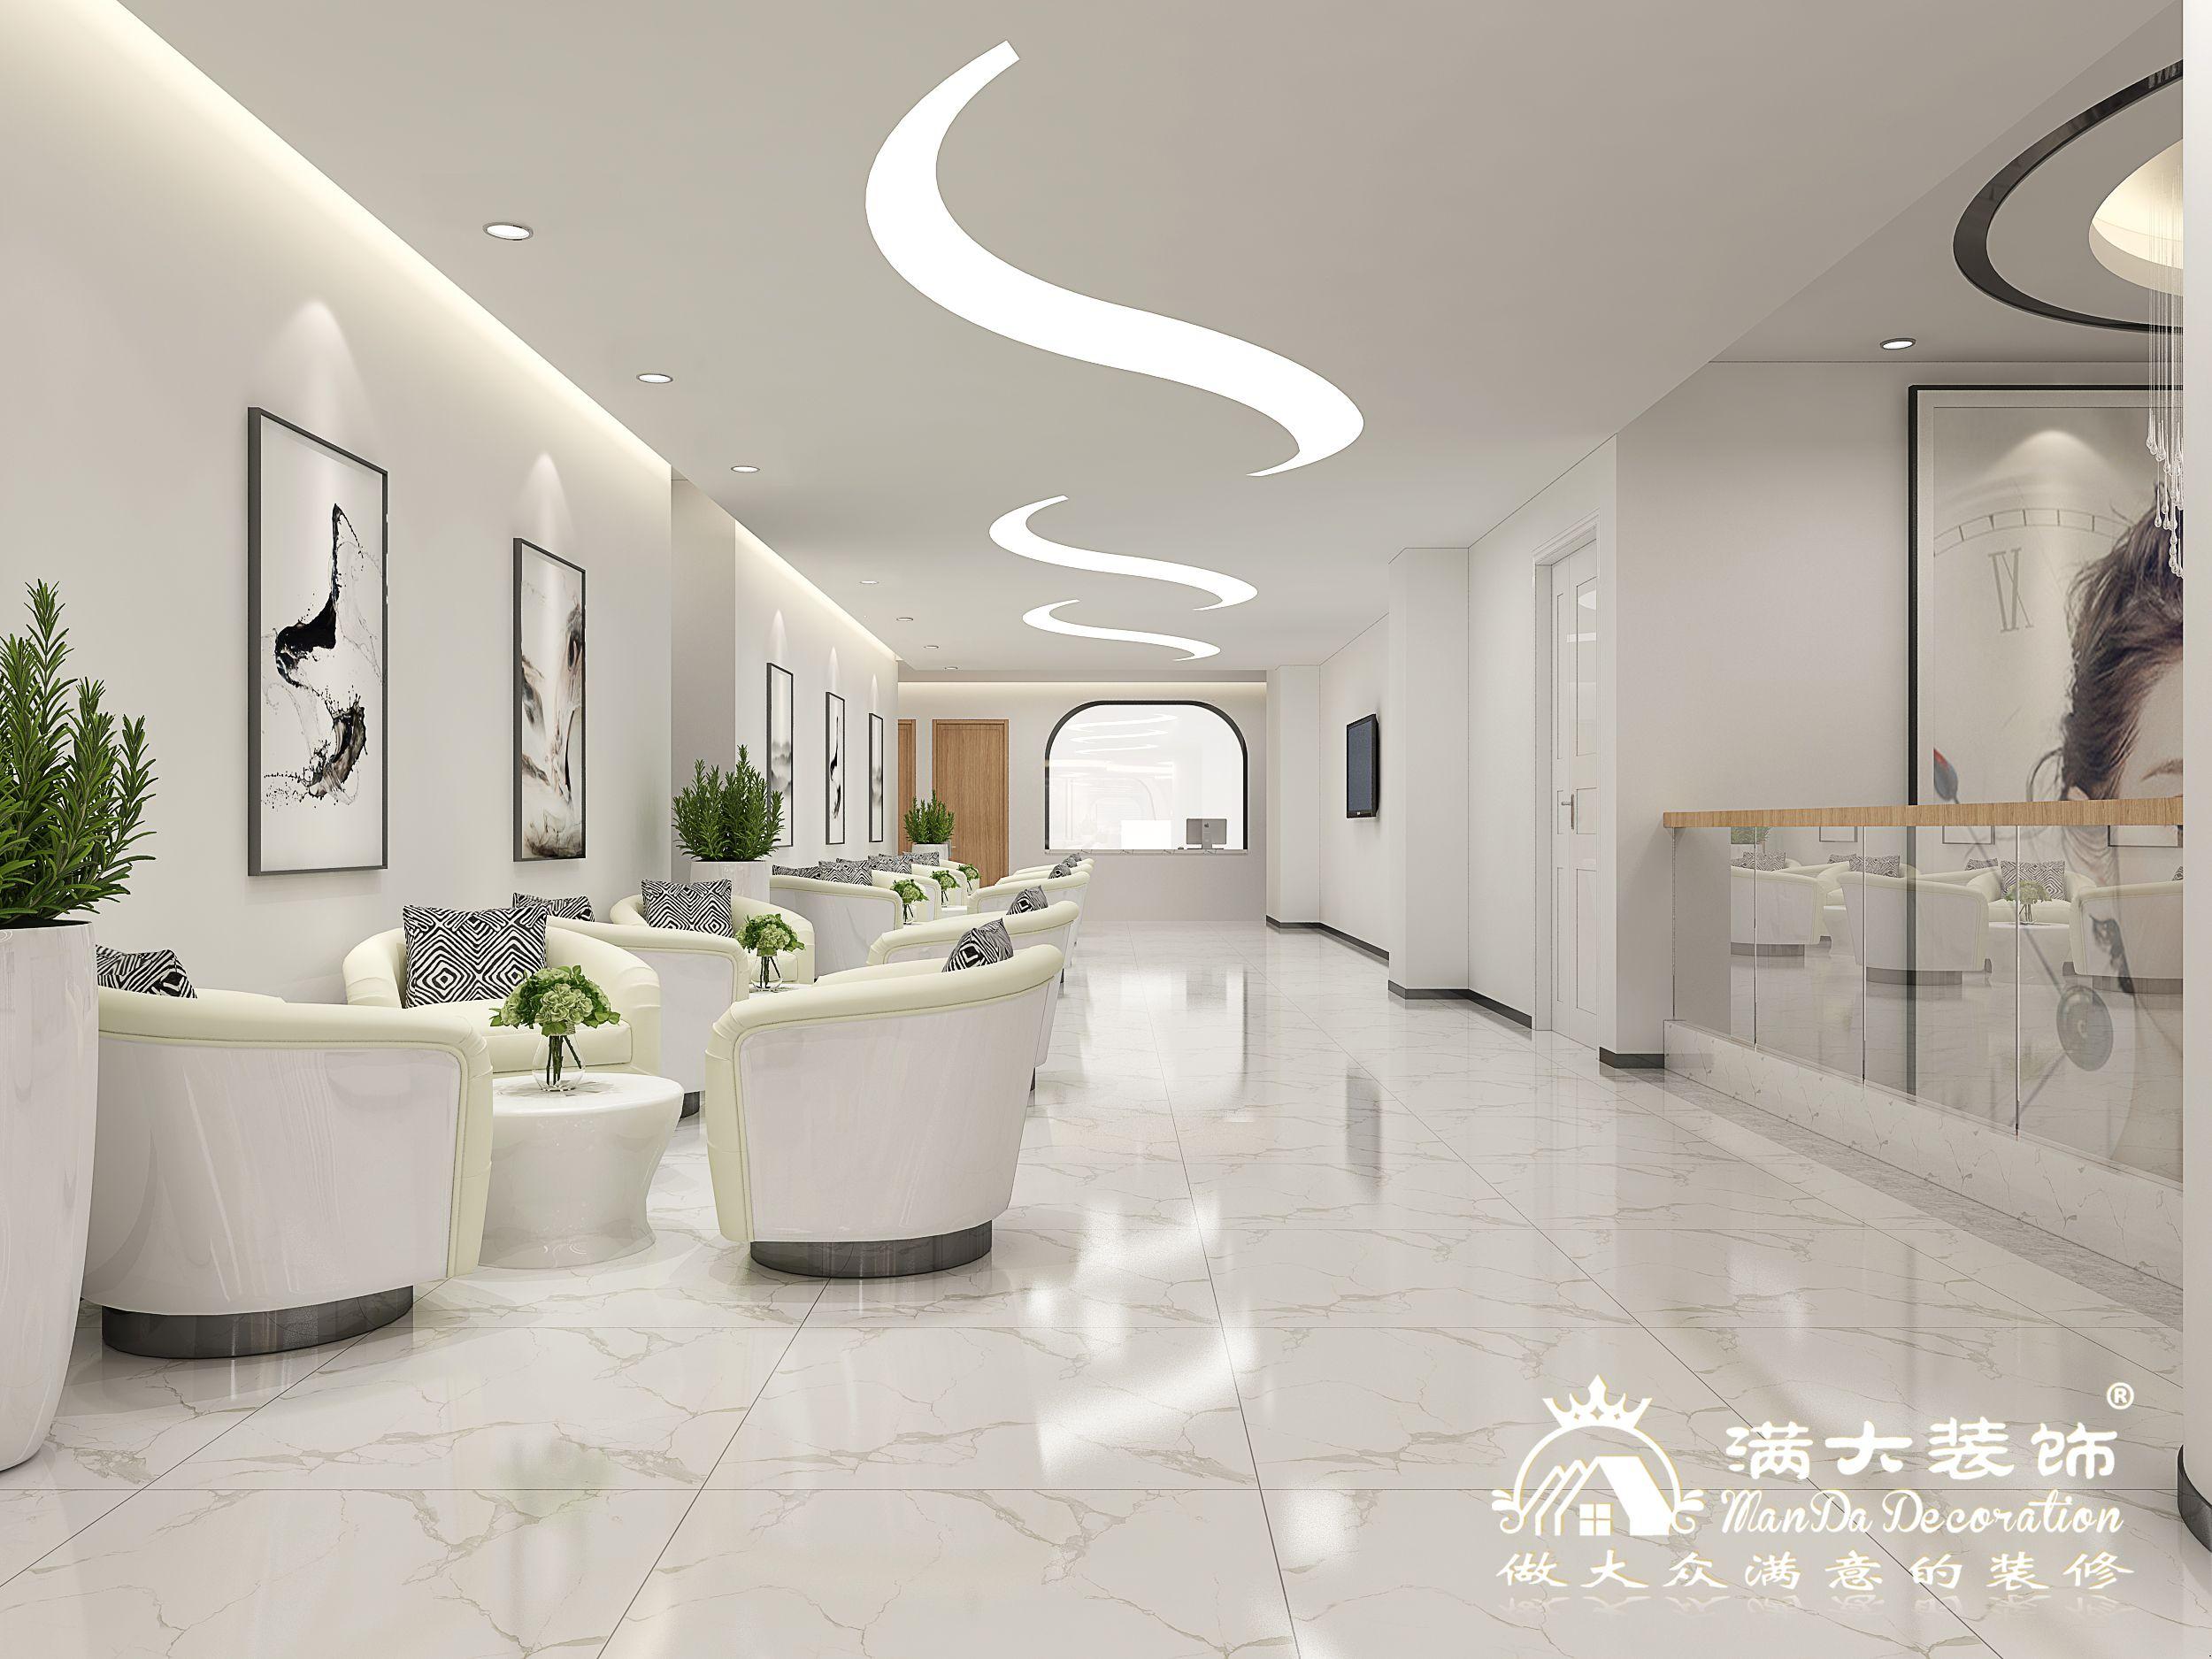 广州市铭美医疗美容门诊部手术室